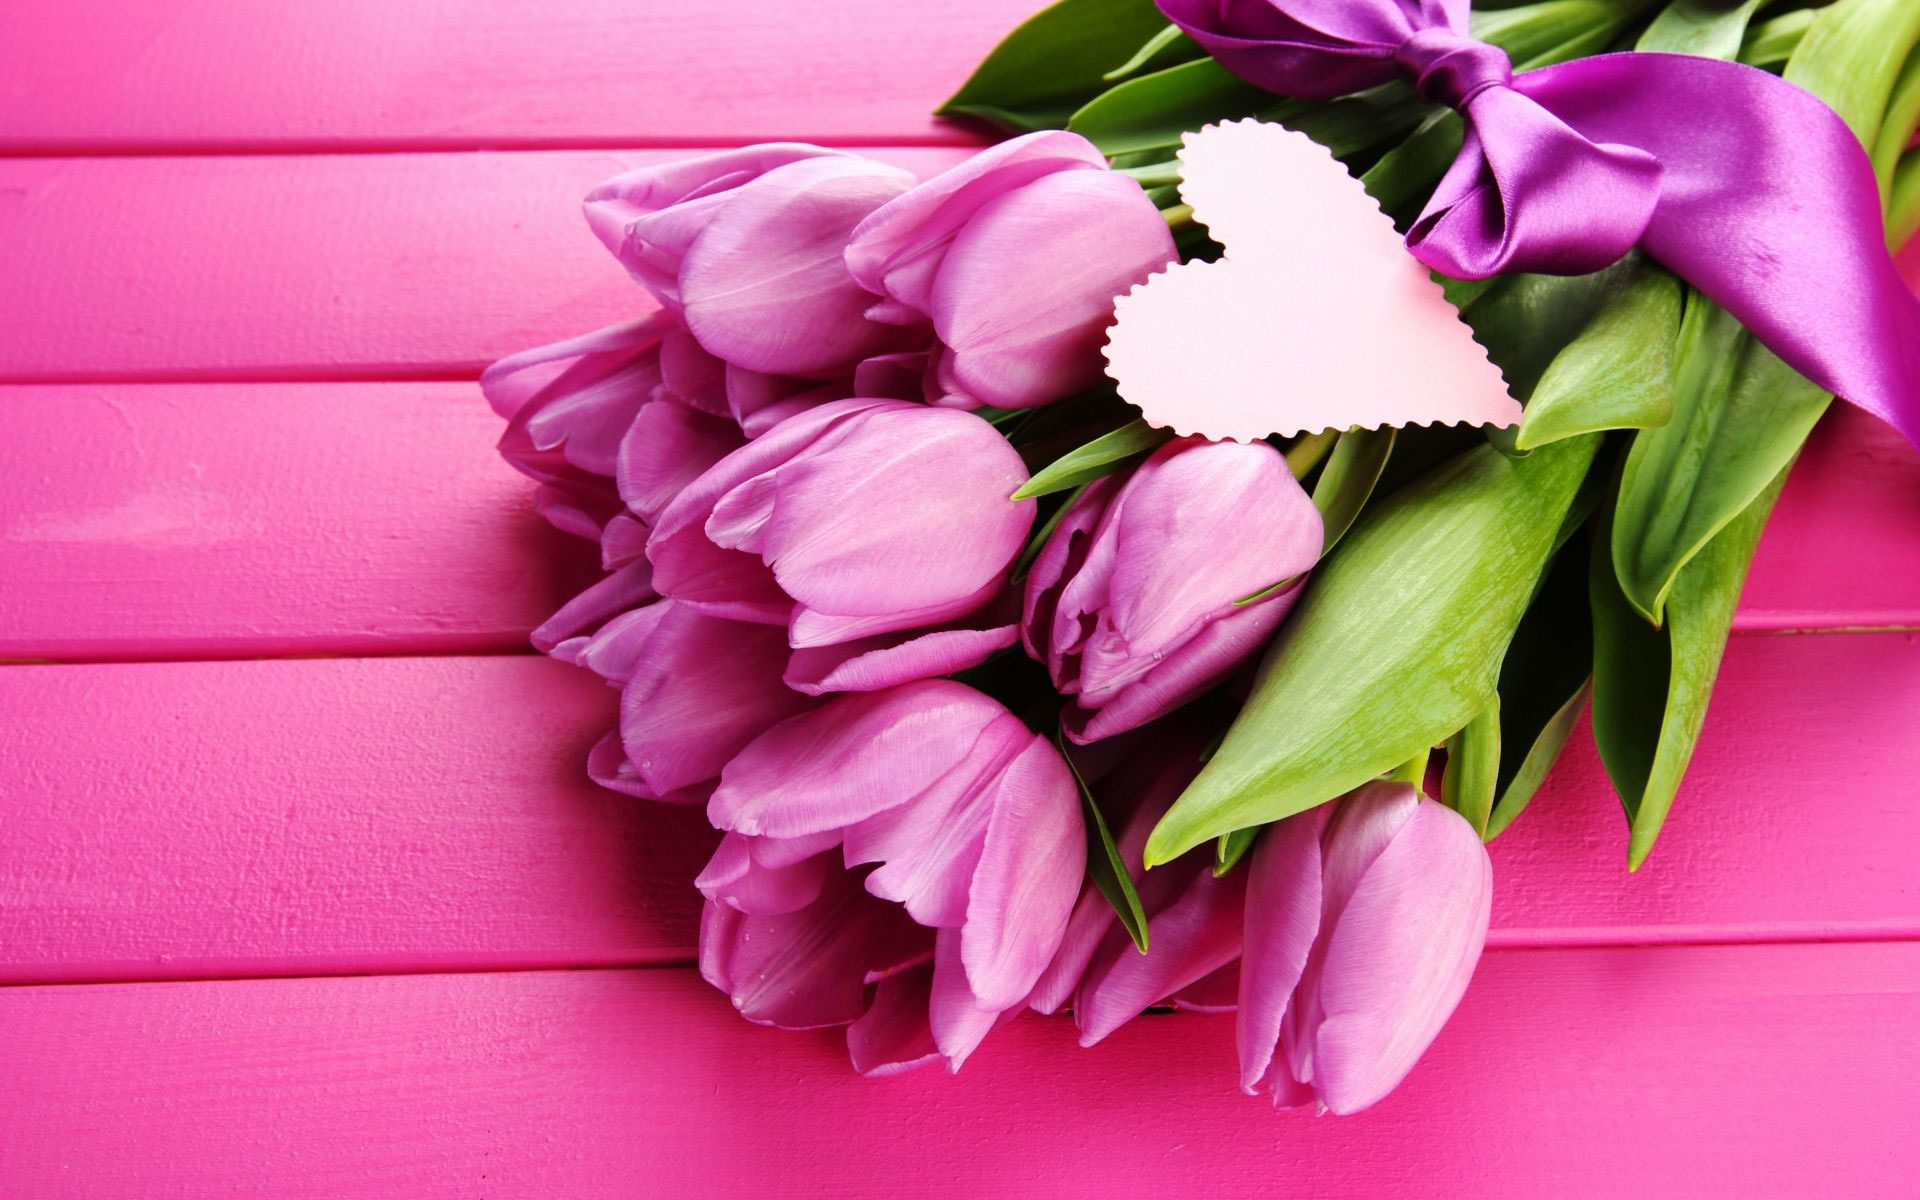 Fondo Tulipanes Rosas.